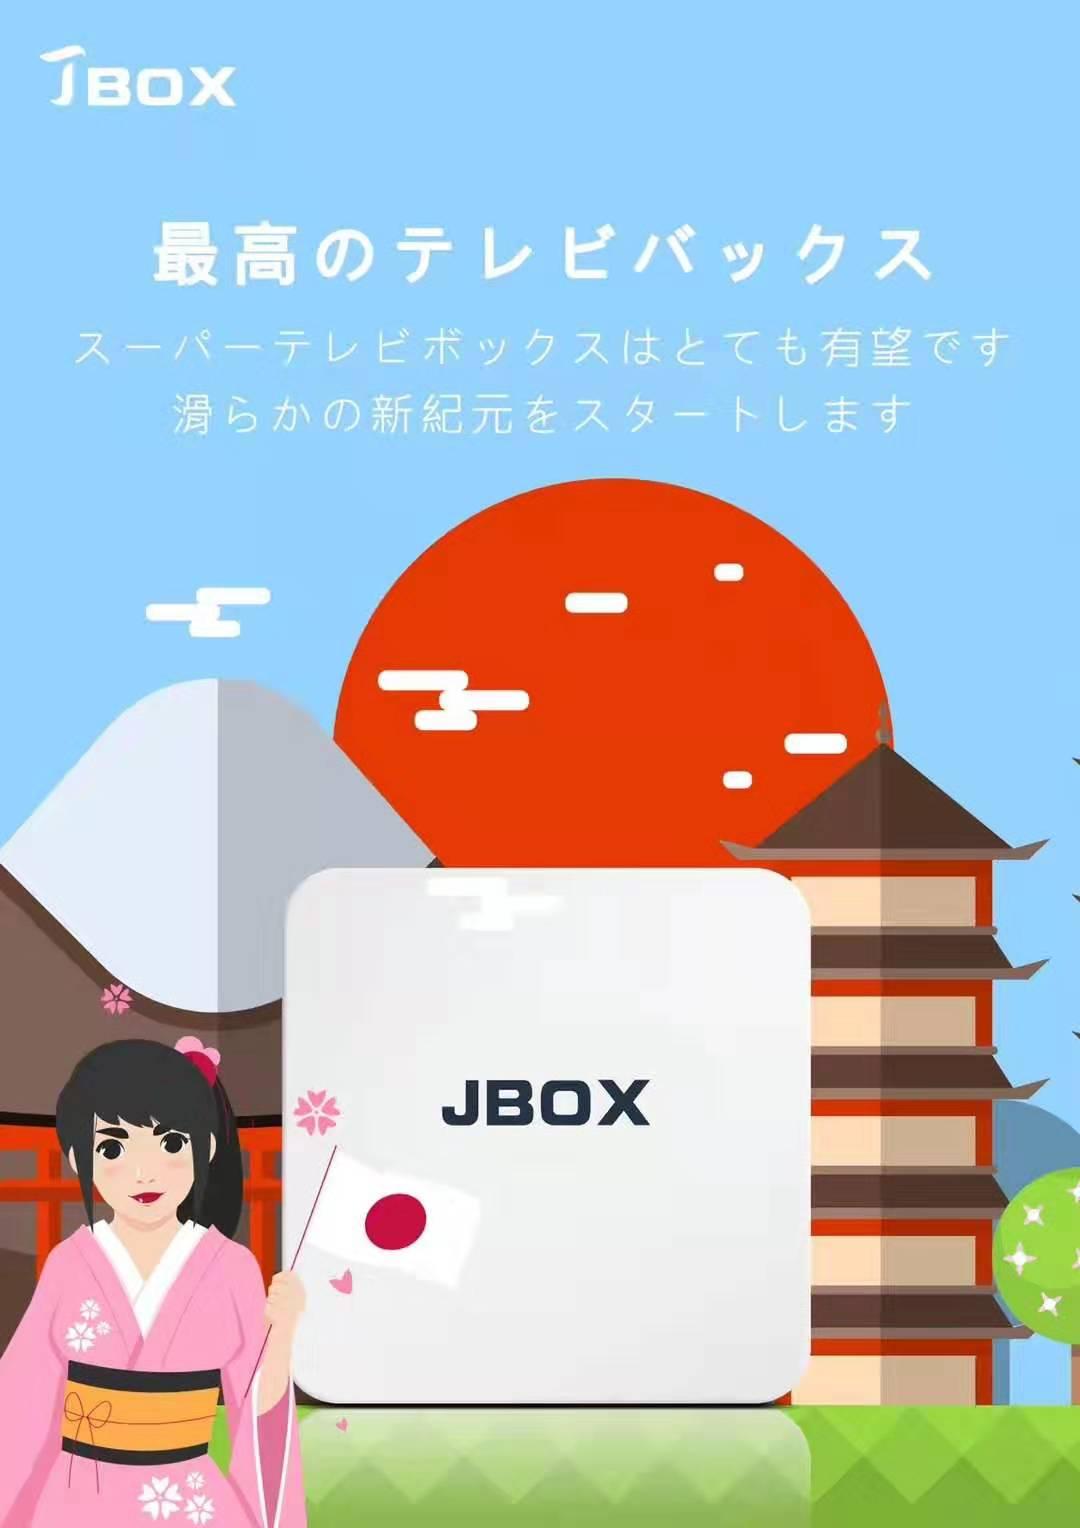 2019 новая версия Ubox JBOX японская версия HDMI 2,0 ТВ приставка Android 7,0 1 Гб + 16 Гб JP ТВ канал воспроизведения - 3